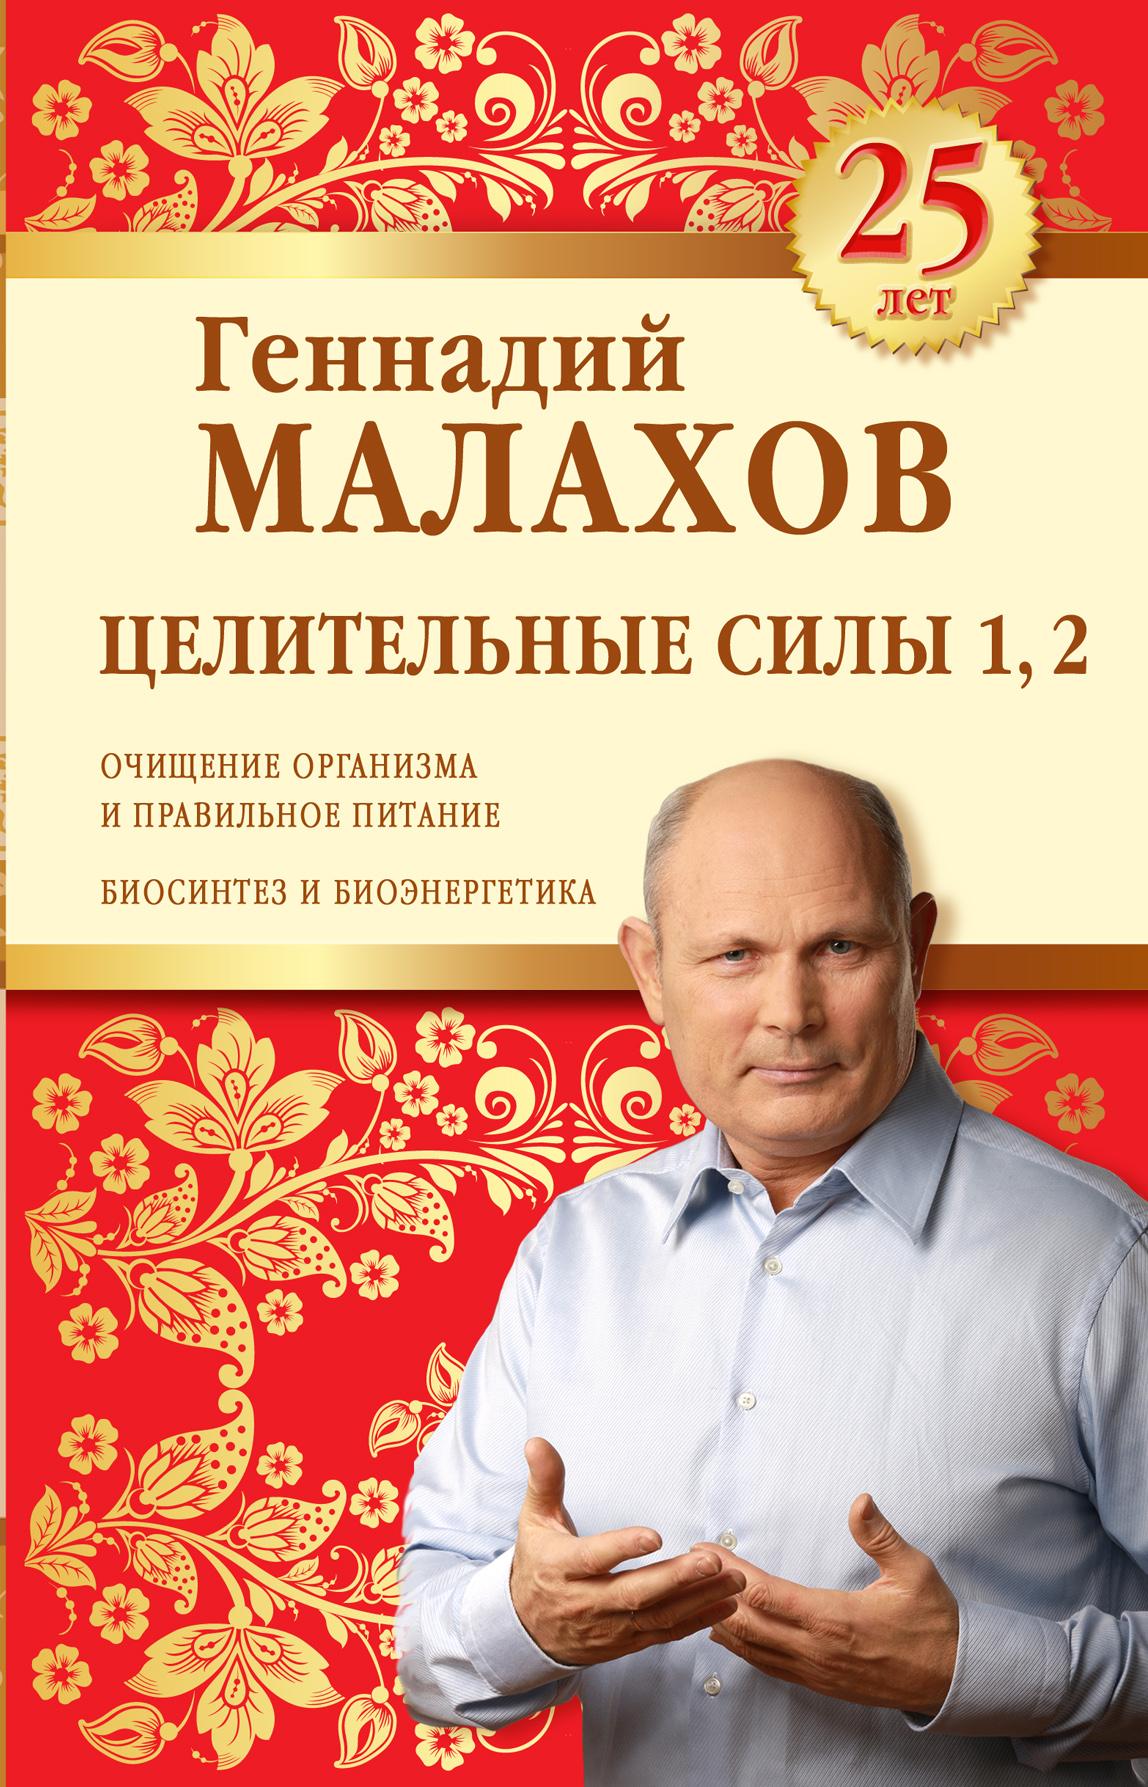 Купить Целительные силы 1, 2. Юбилейное издание, Геннадий Малахов, 978-5-699-80120-6